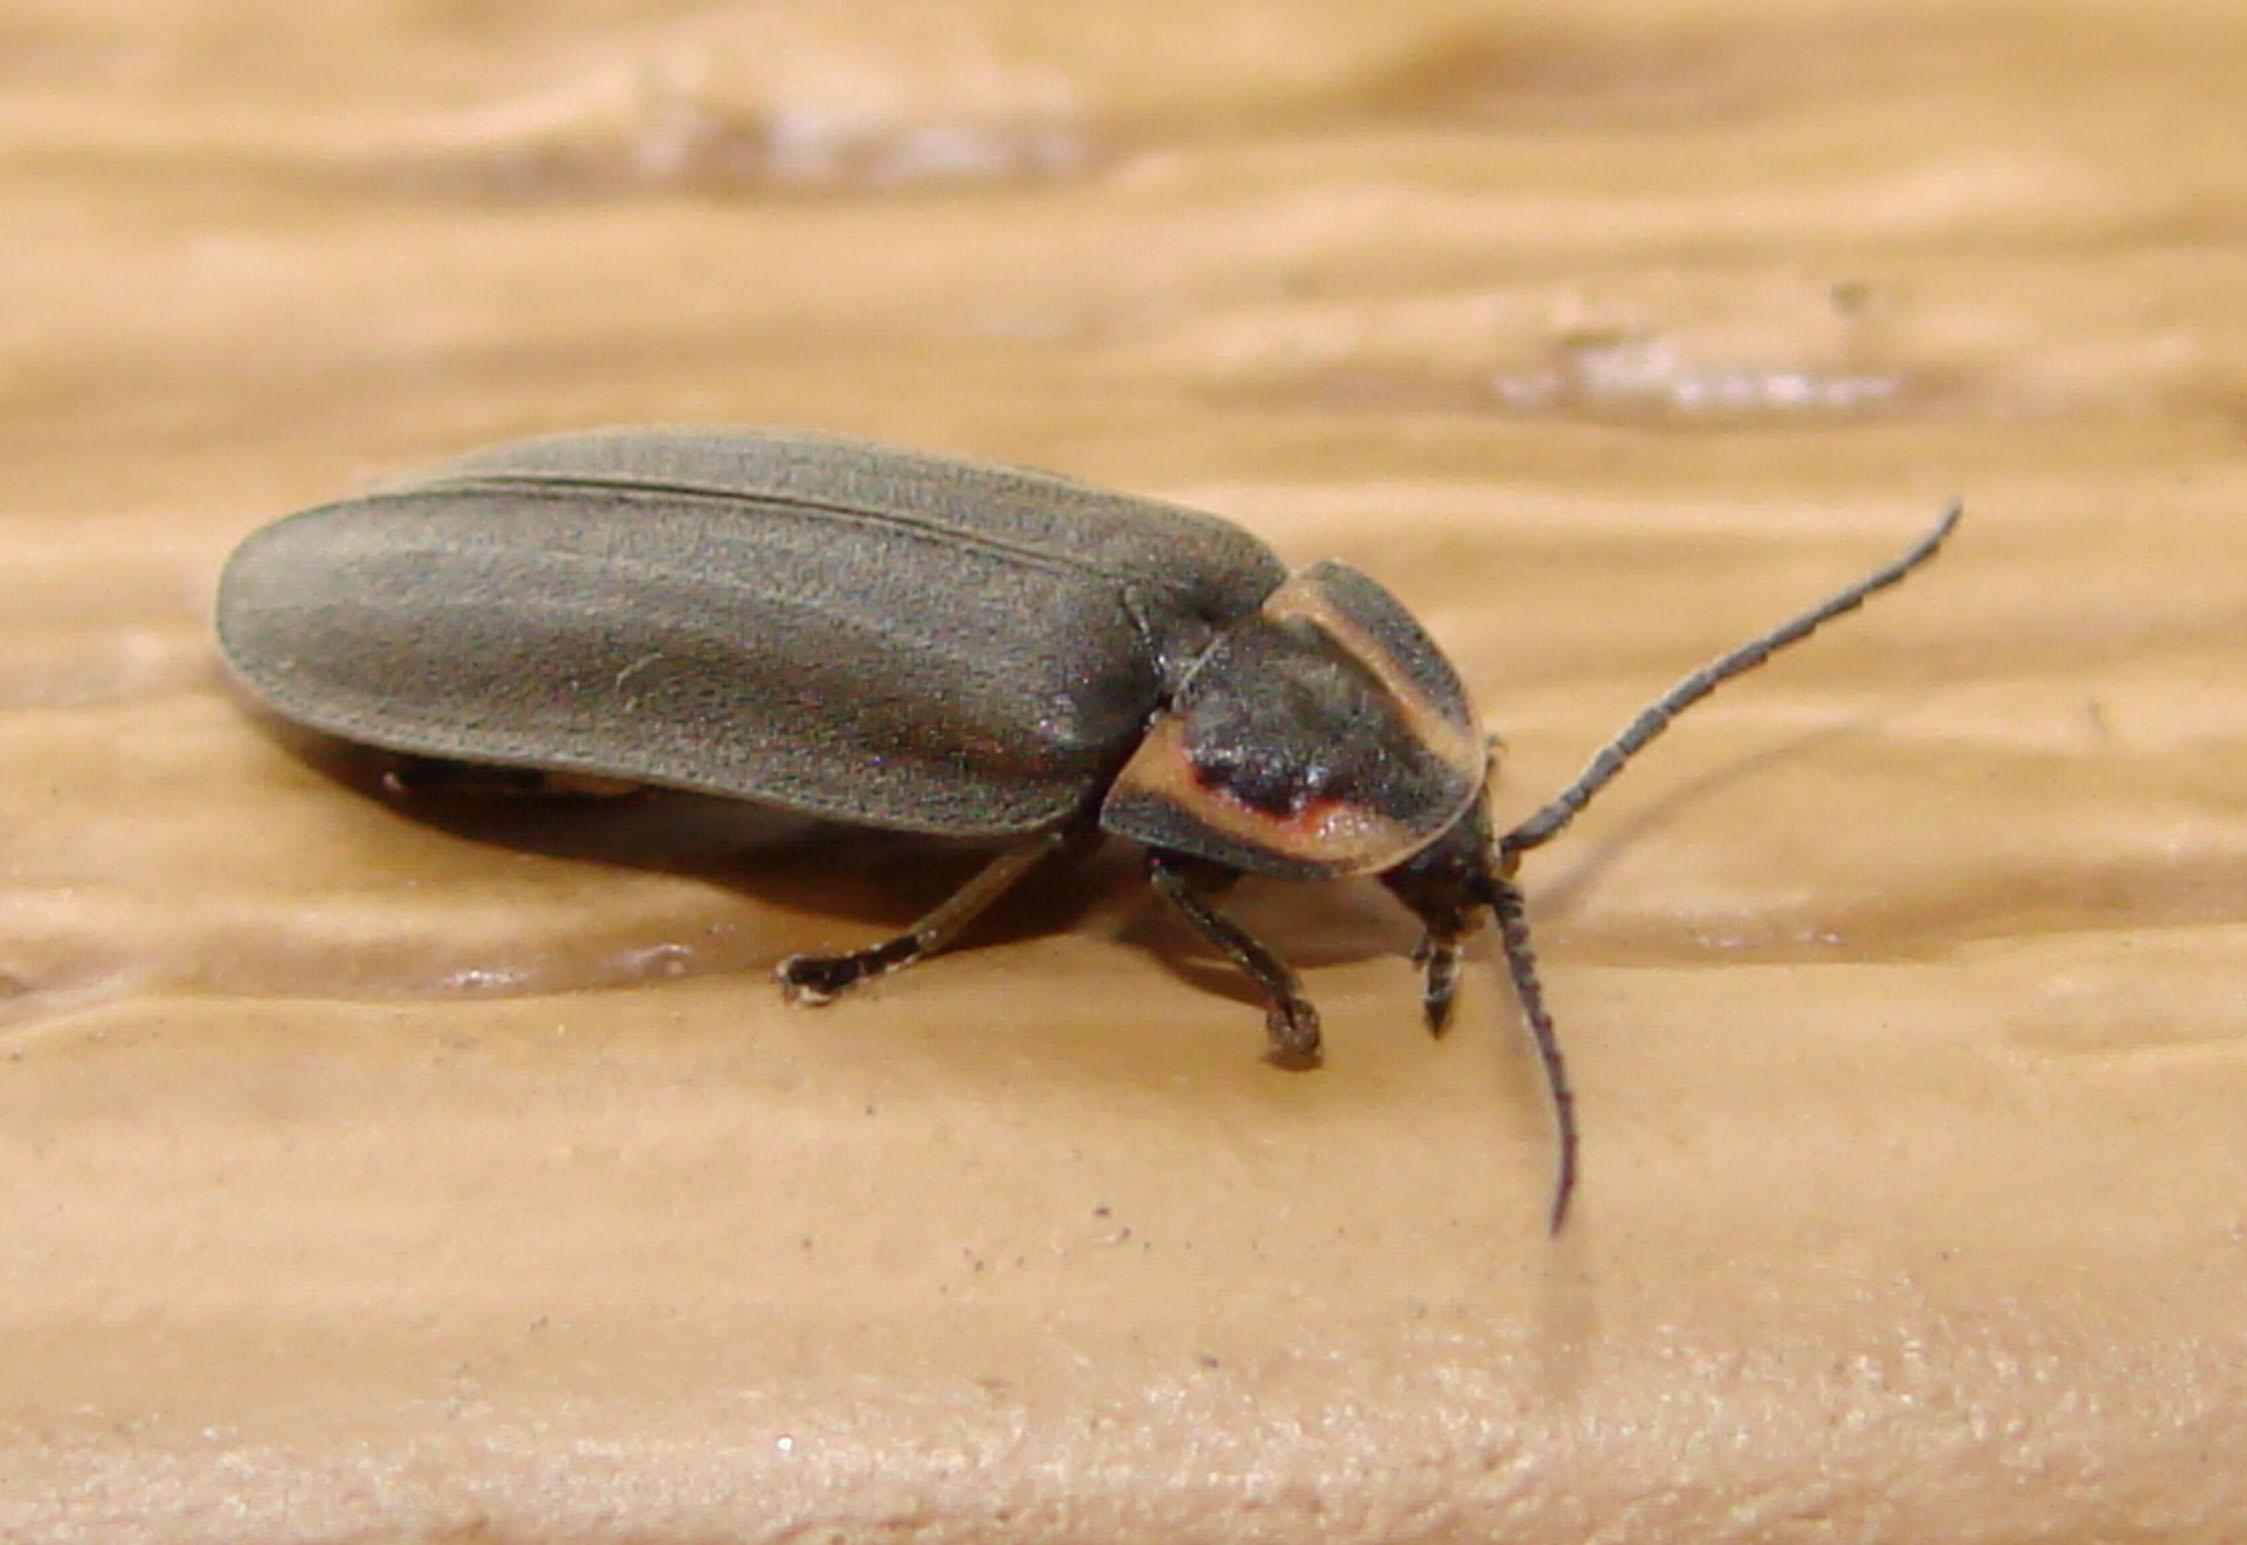 Qu'est-Ce Qu'un Insecte? | Espace Pour La Vie dedans Les Noms Des Insectes